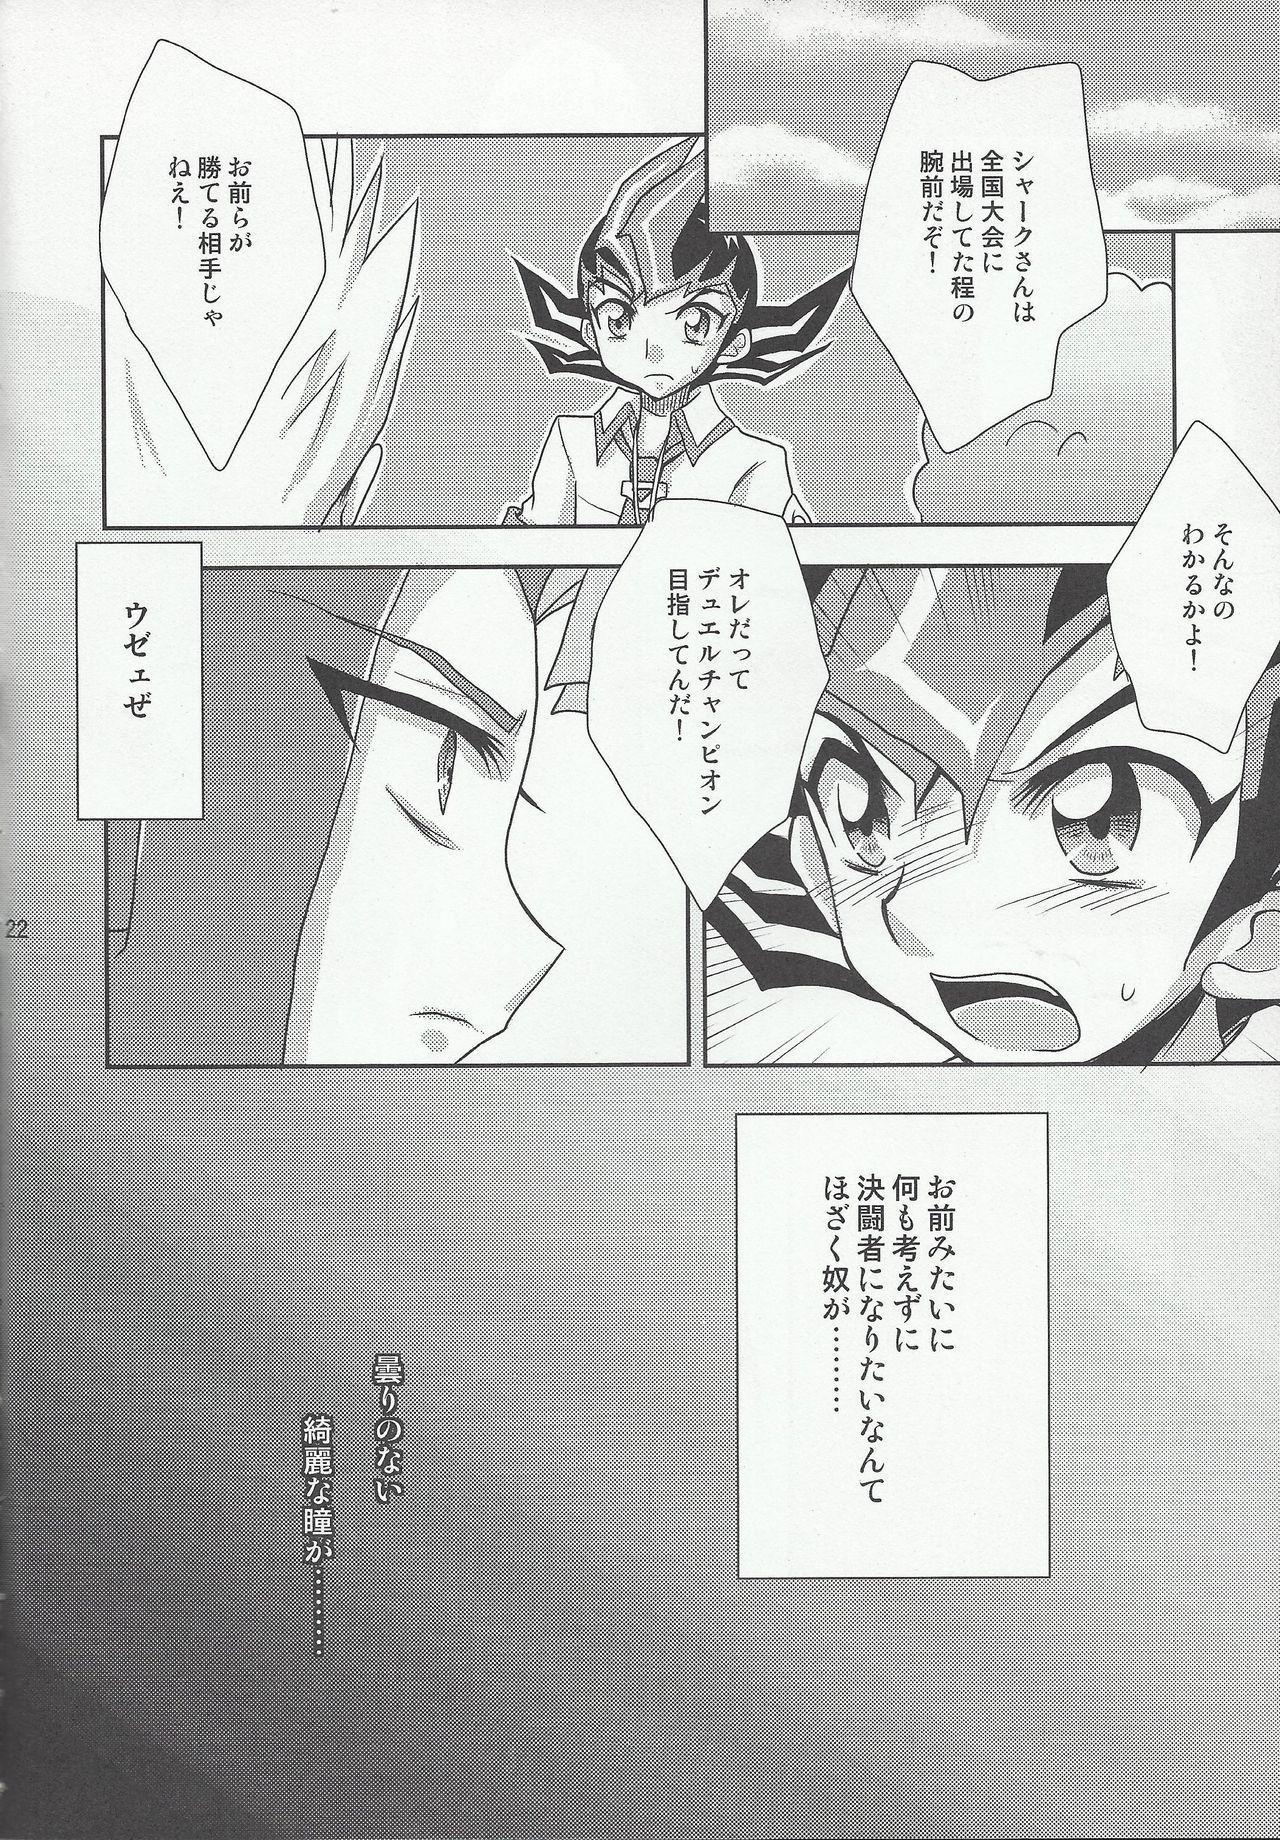 Ryoujoku 22